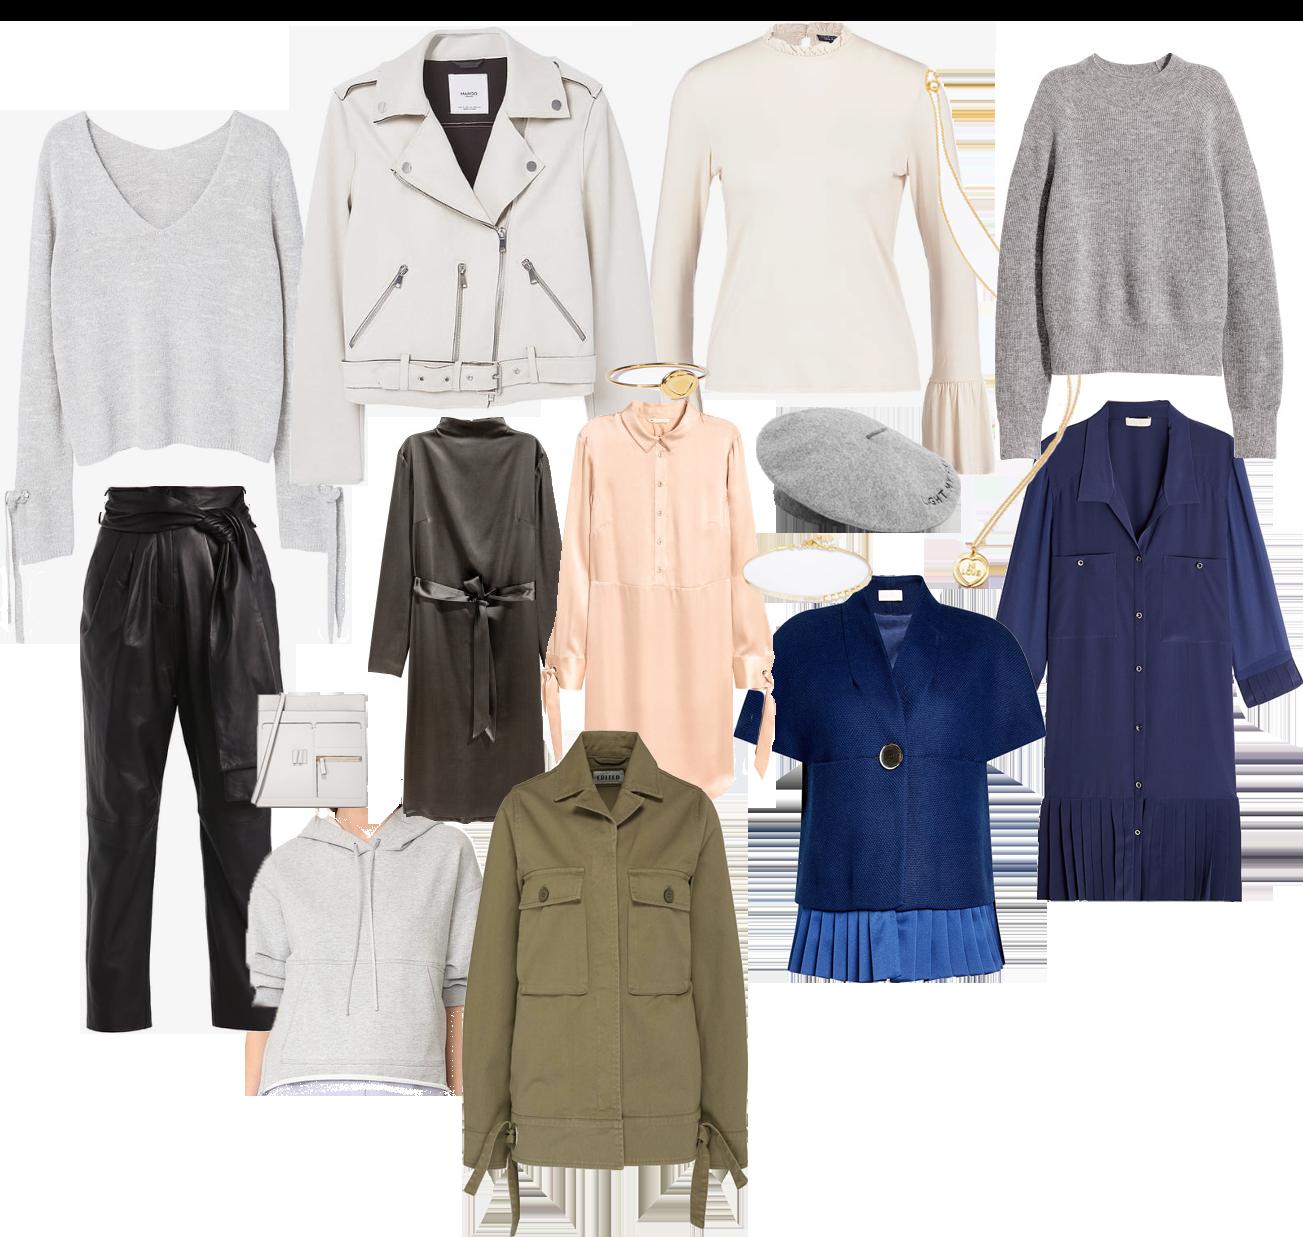 Маша Седжвик, модный блоггер из Берлина, одежда нового немецкого дизайнера Nobi Talai | тренд: многослойность